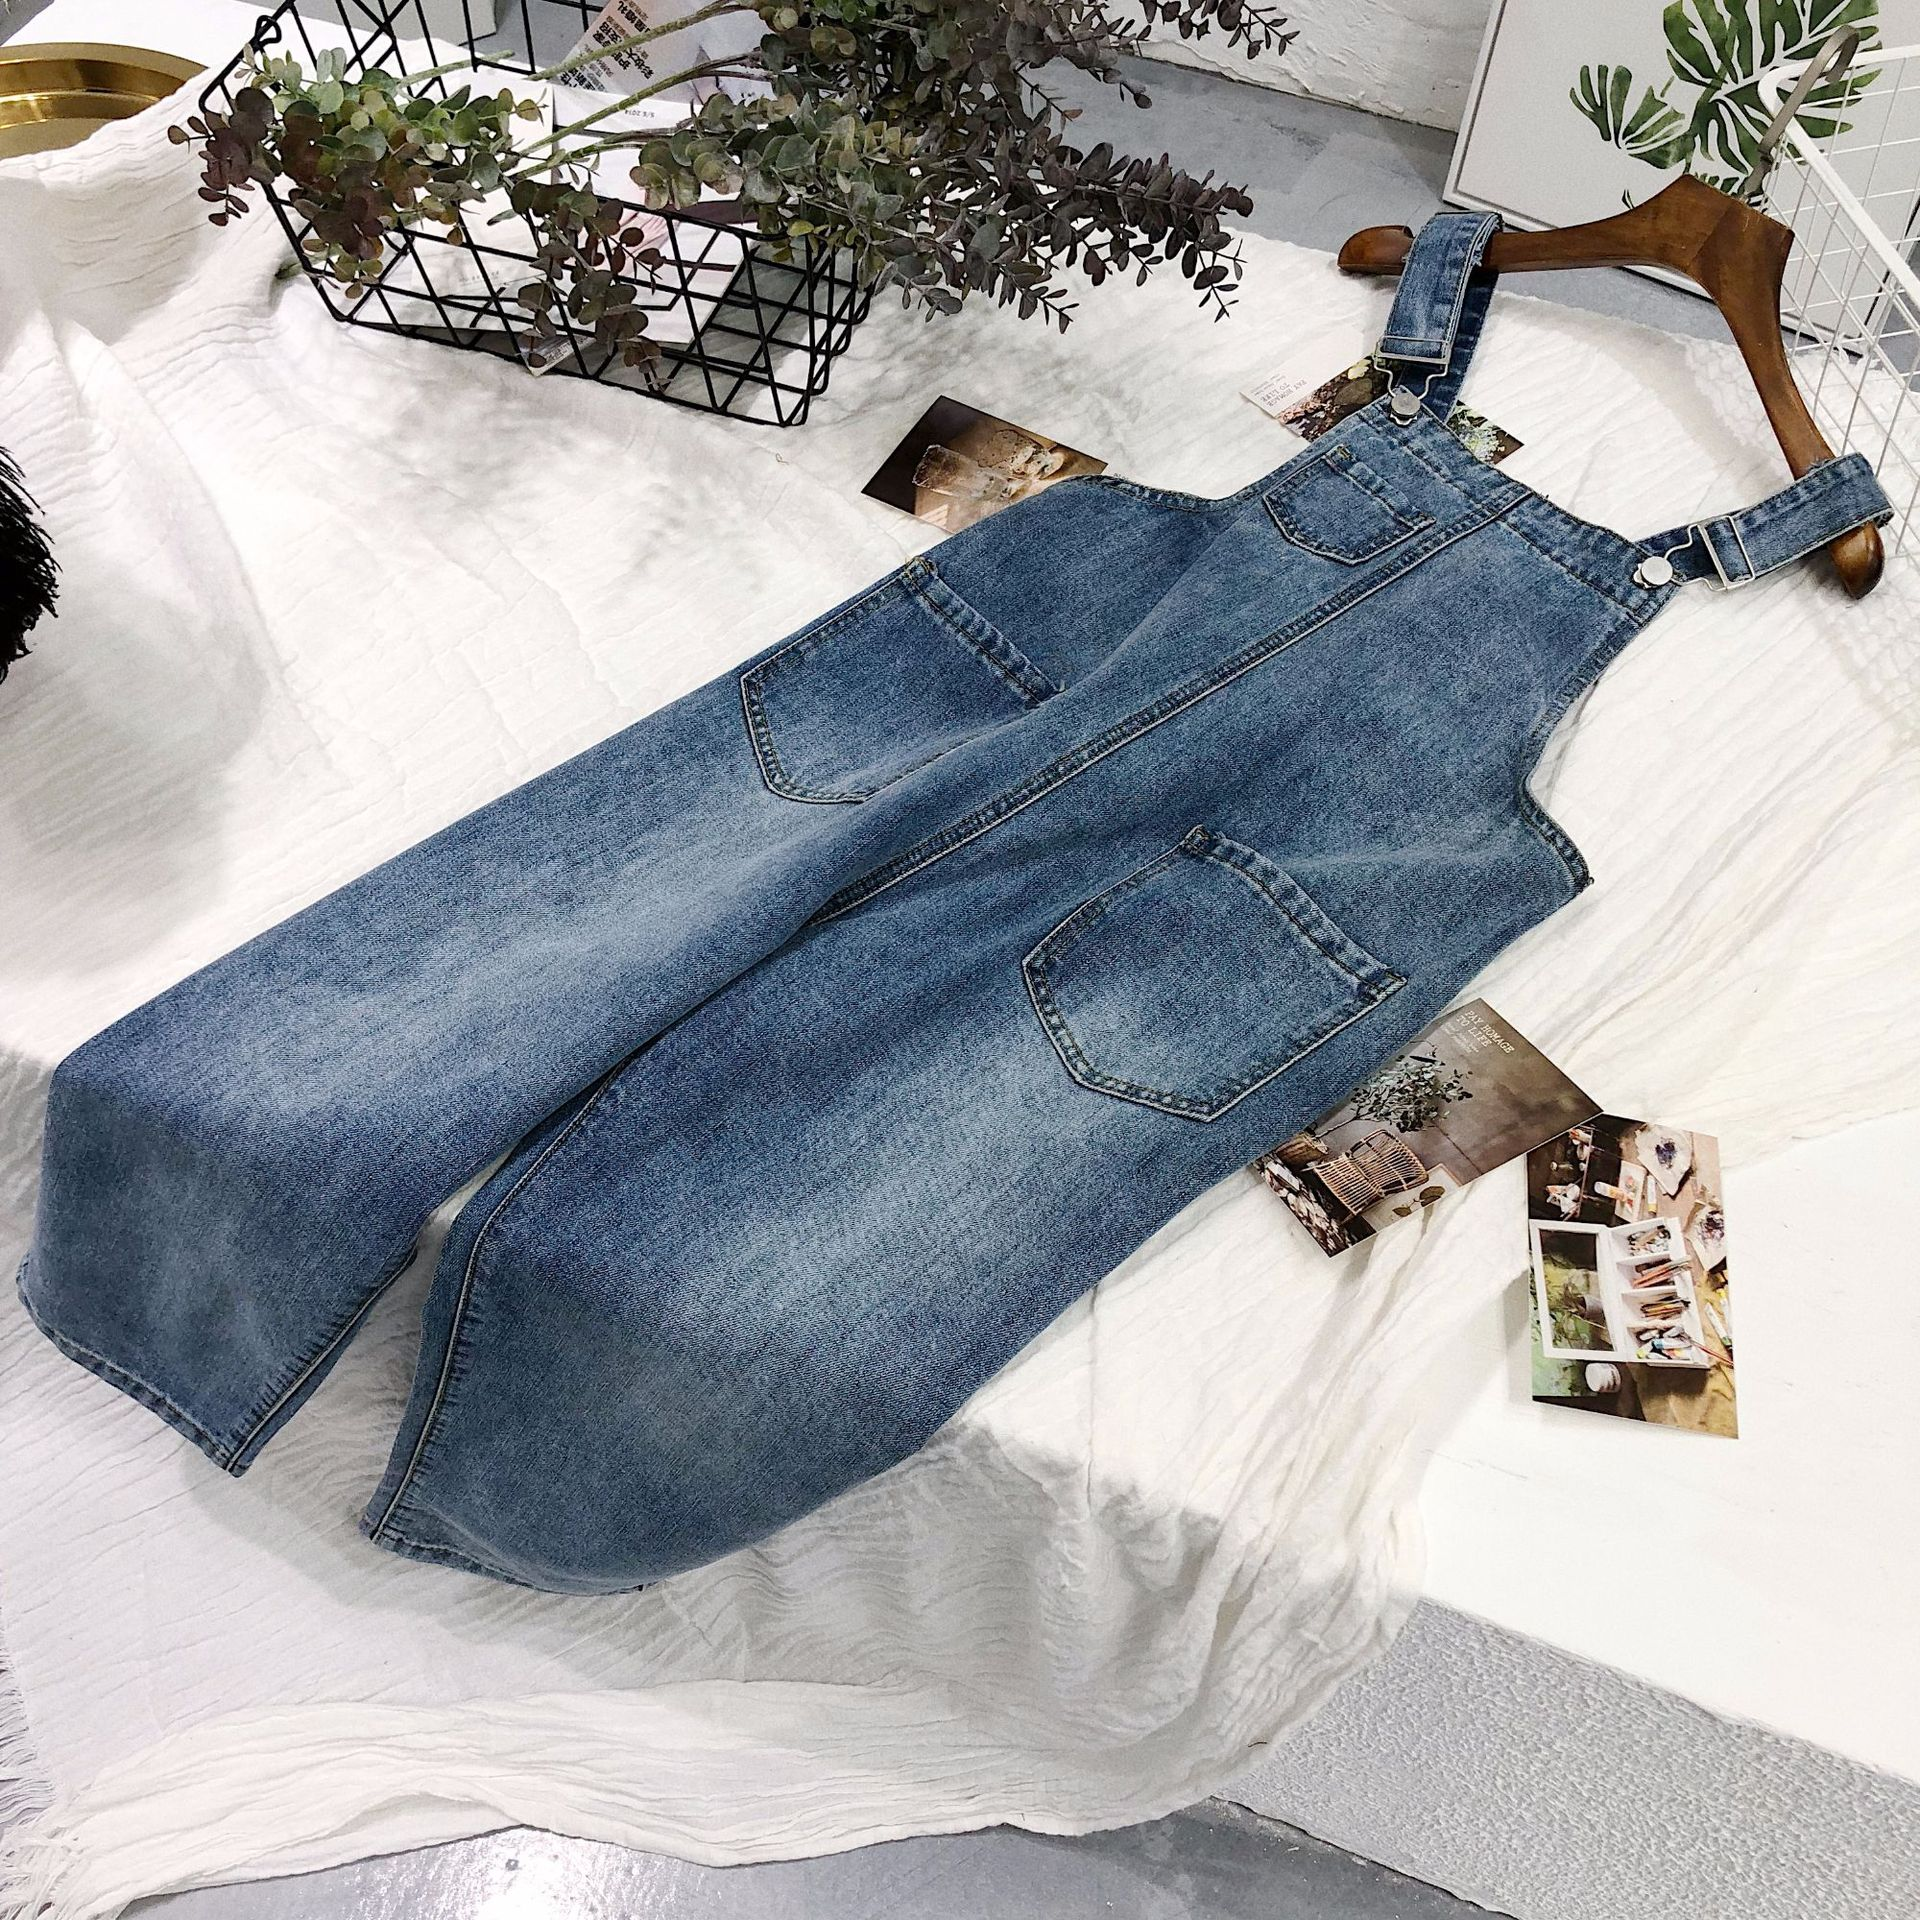 Mezclilla Mameluco Elástico Overoles Pantalones De Casual Nuevas Las Denim Preppy Suelta Sexy 1 Estilo Simple Mujeres 10nwqaC